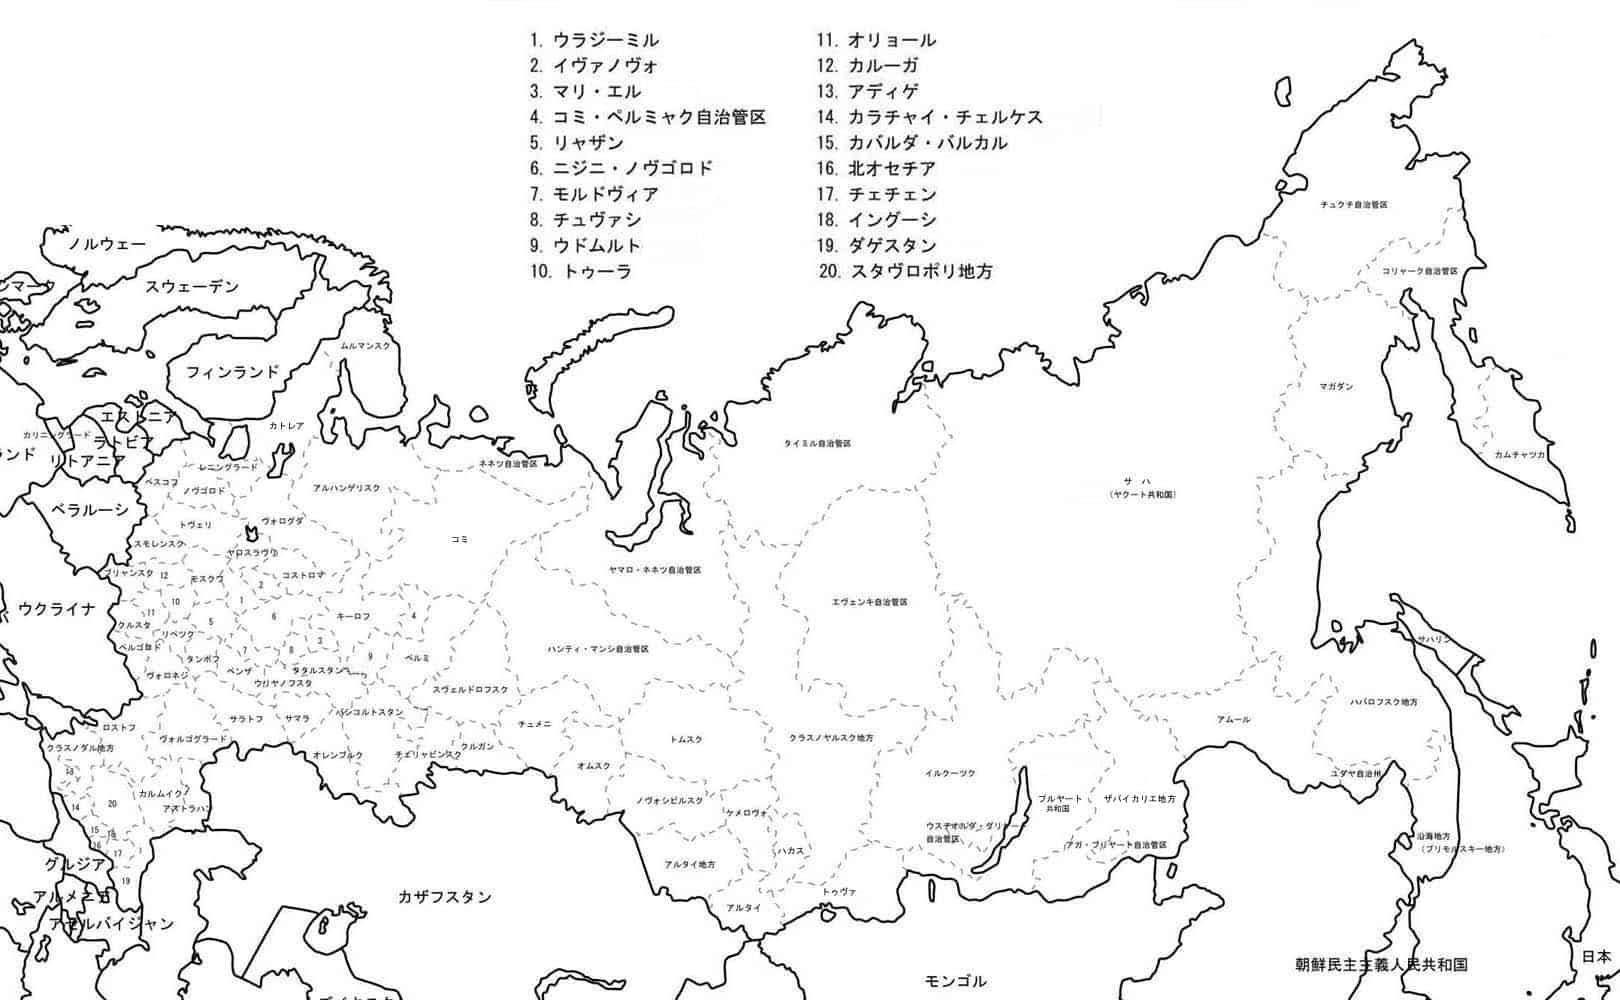 世界遺産ツアーと世界遺産一覧:...